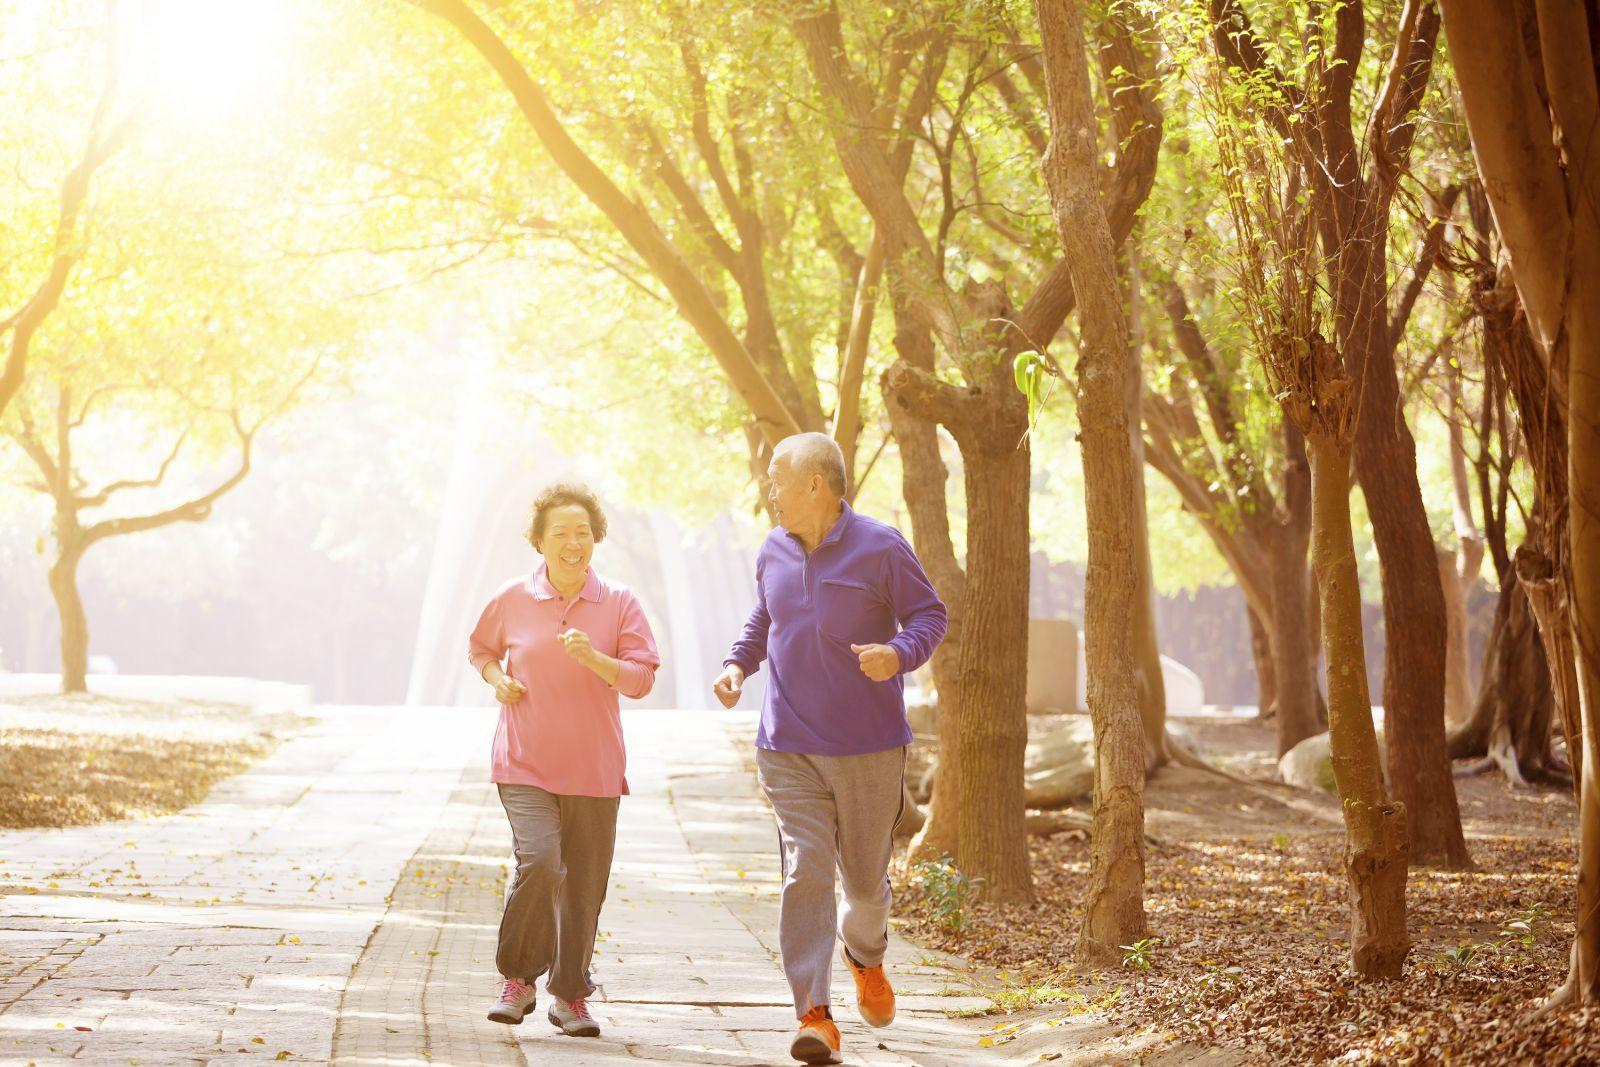 Hiểu rõ hơn về suy giảm trí nhớ ở người già